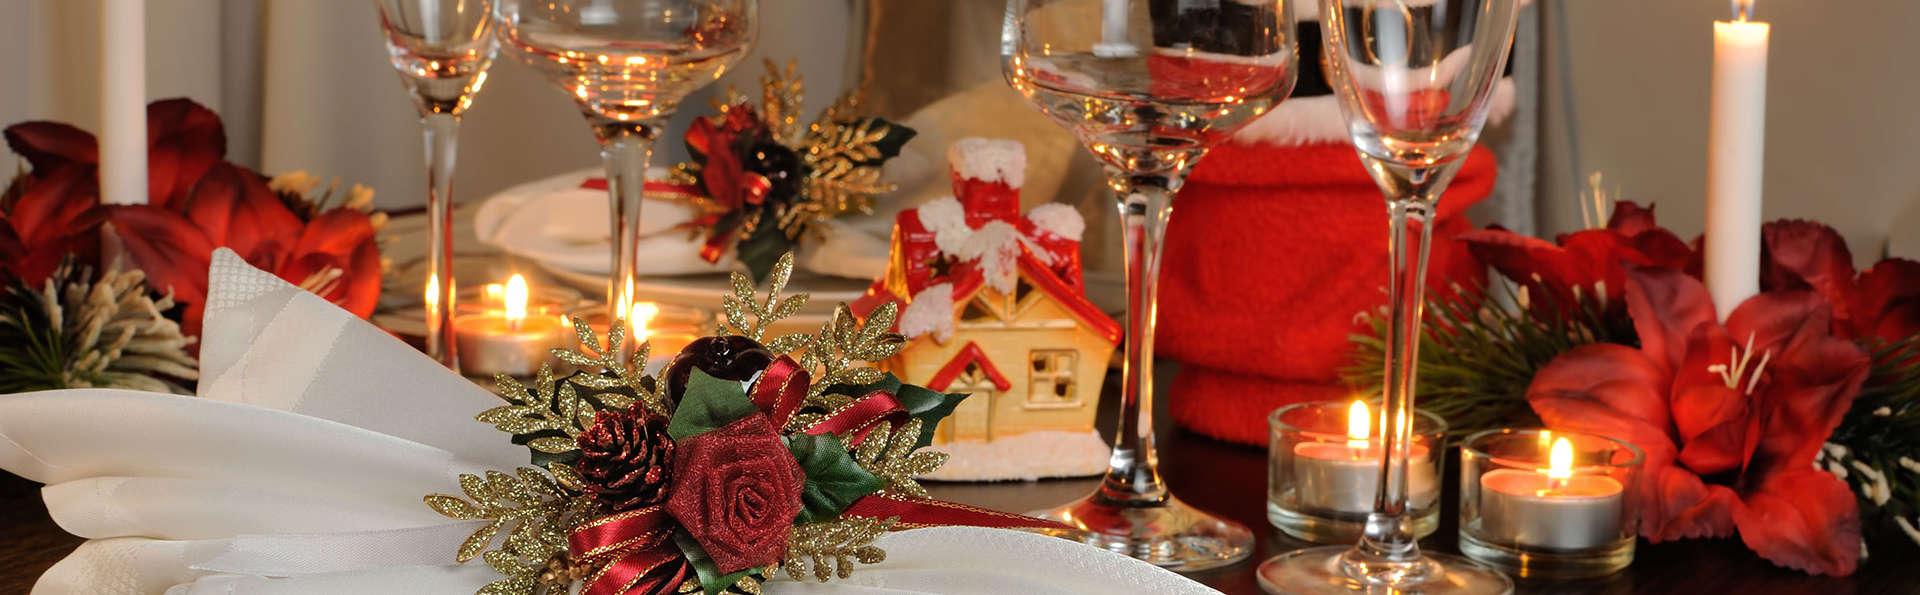 Réveillon de Noël magique dans les Ardennes belges